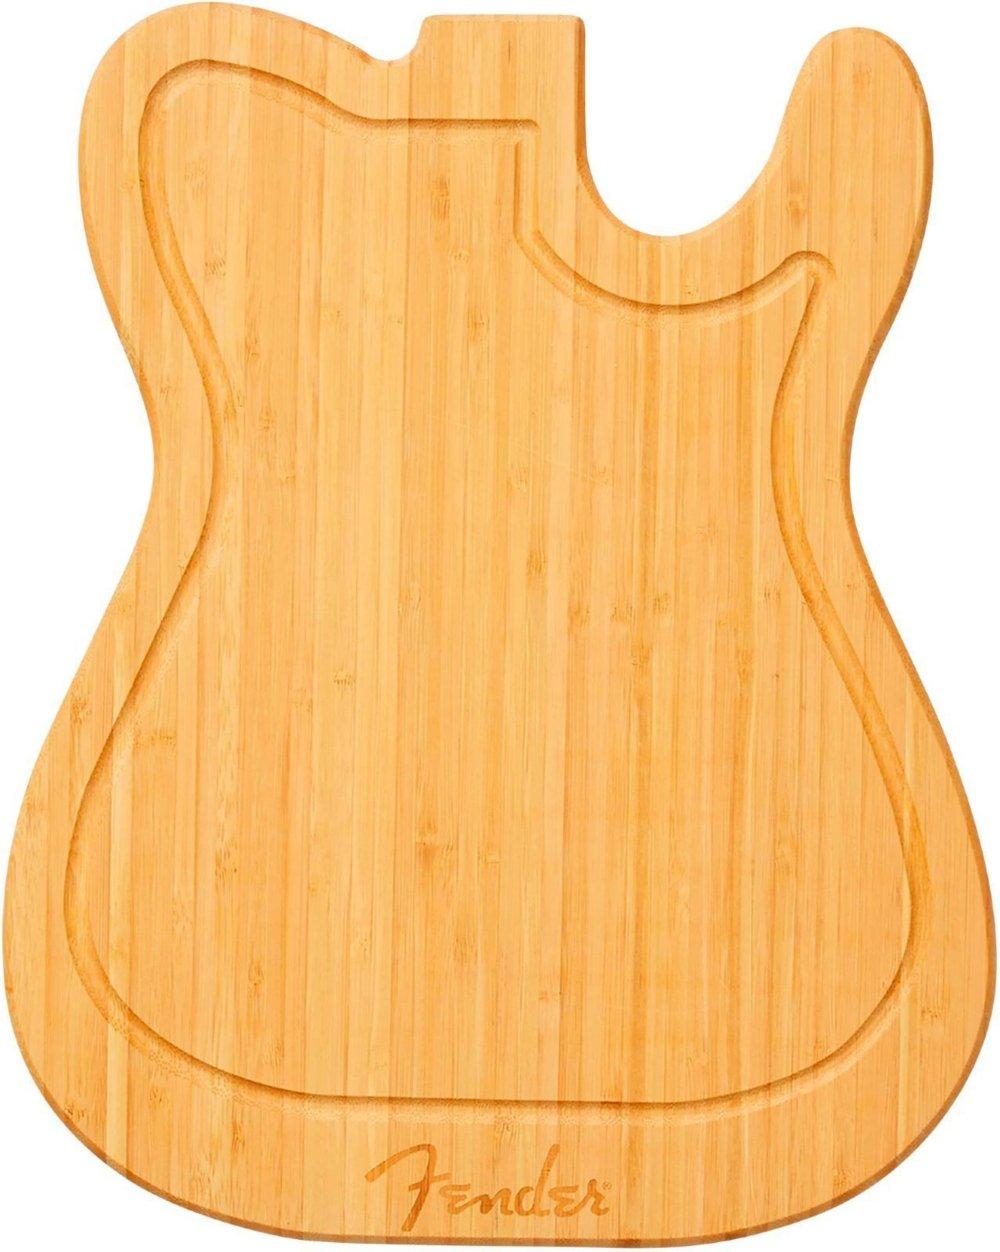 Fender Tele Cutting Board